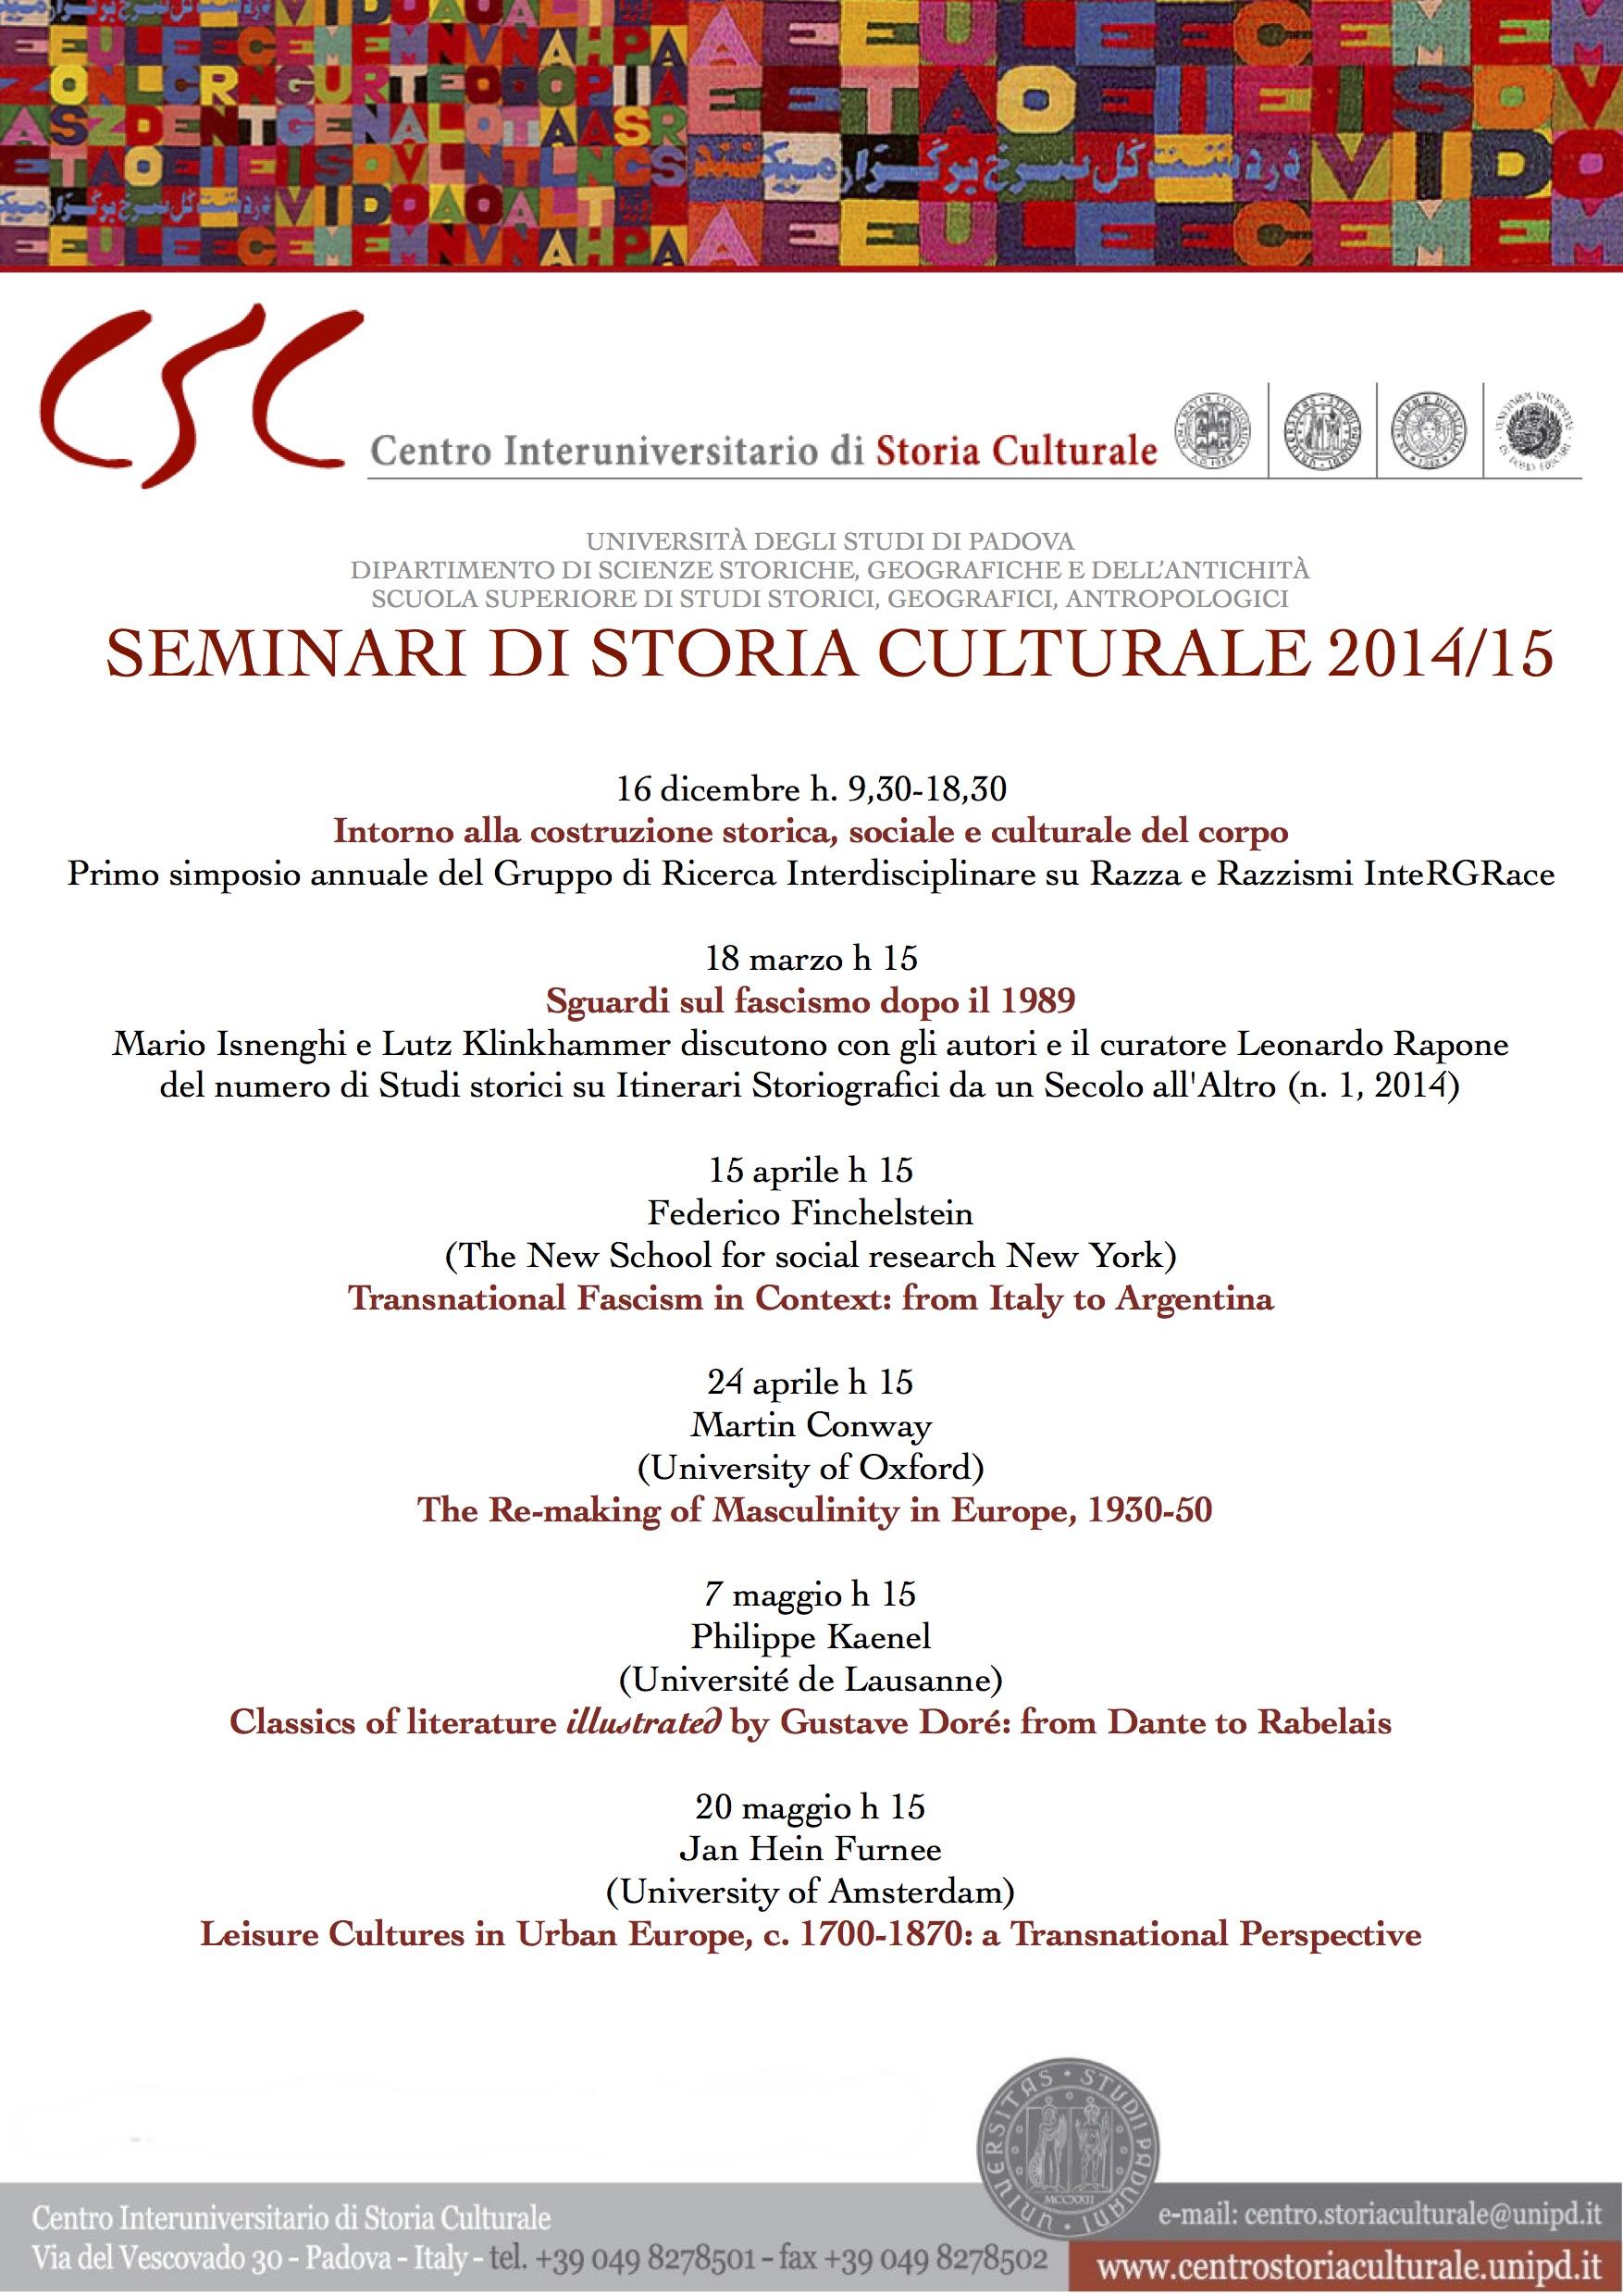 Locandina seminari 2014.jpg